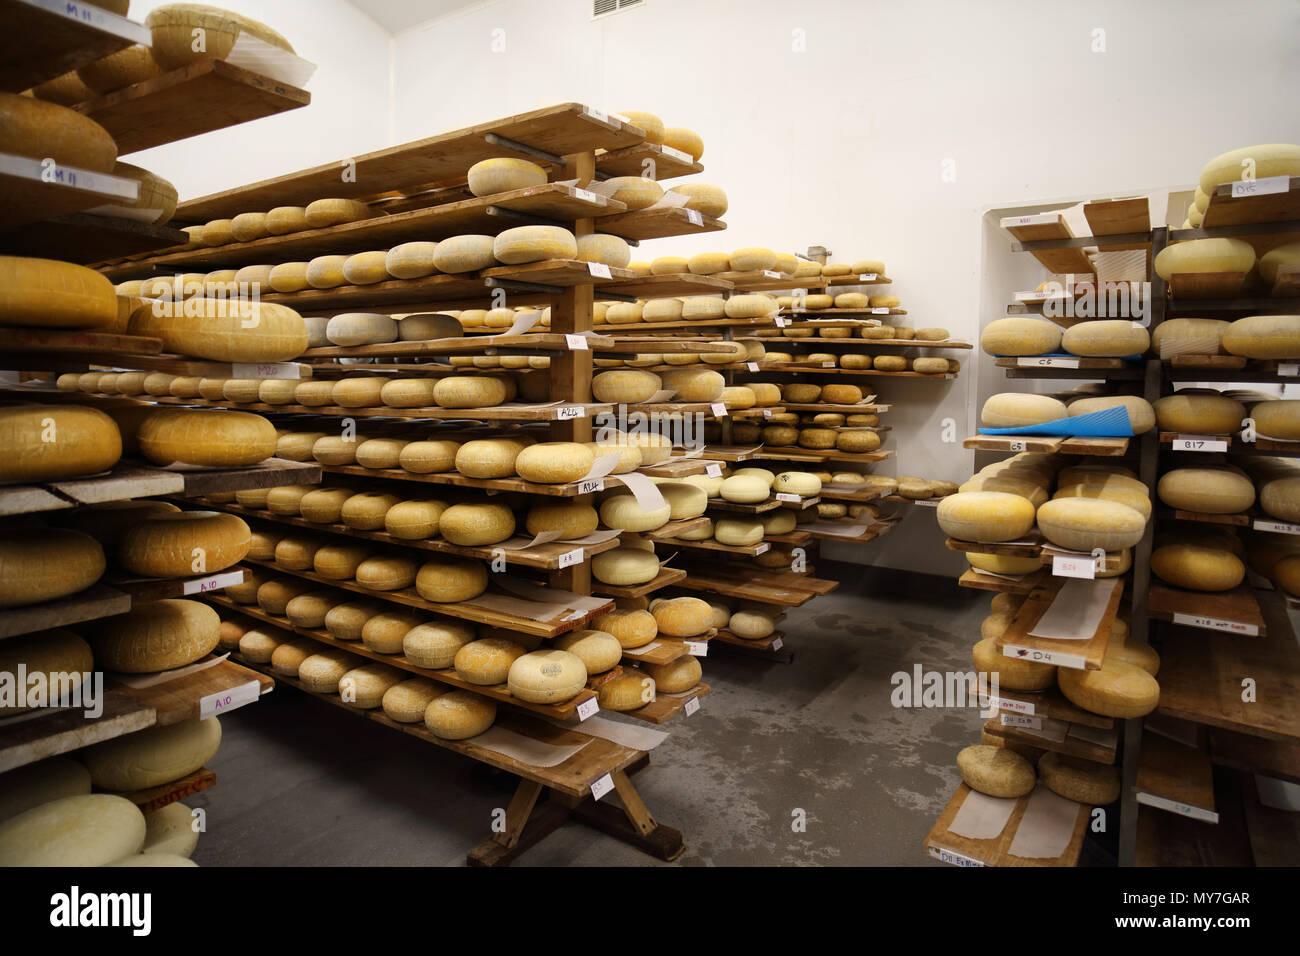 Alterung Zimmer wo Hartkäse gespeichert sind, um zu reifen Stockbild